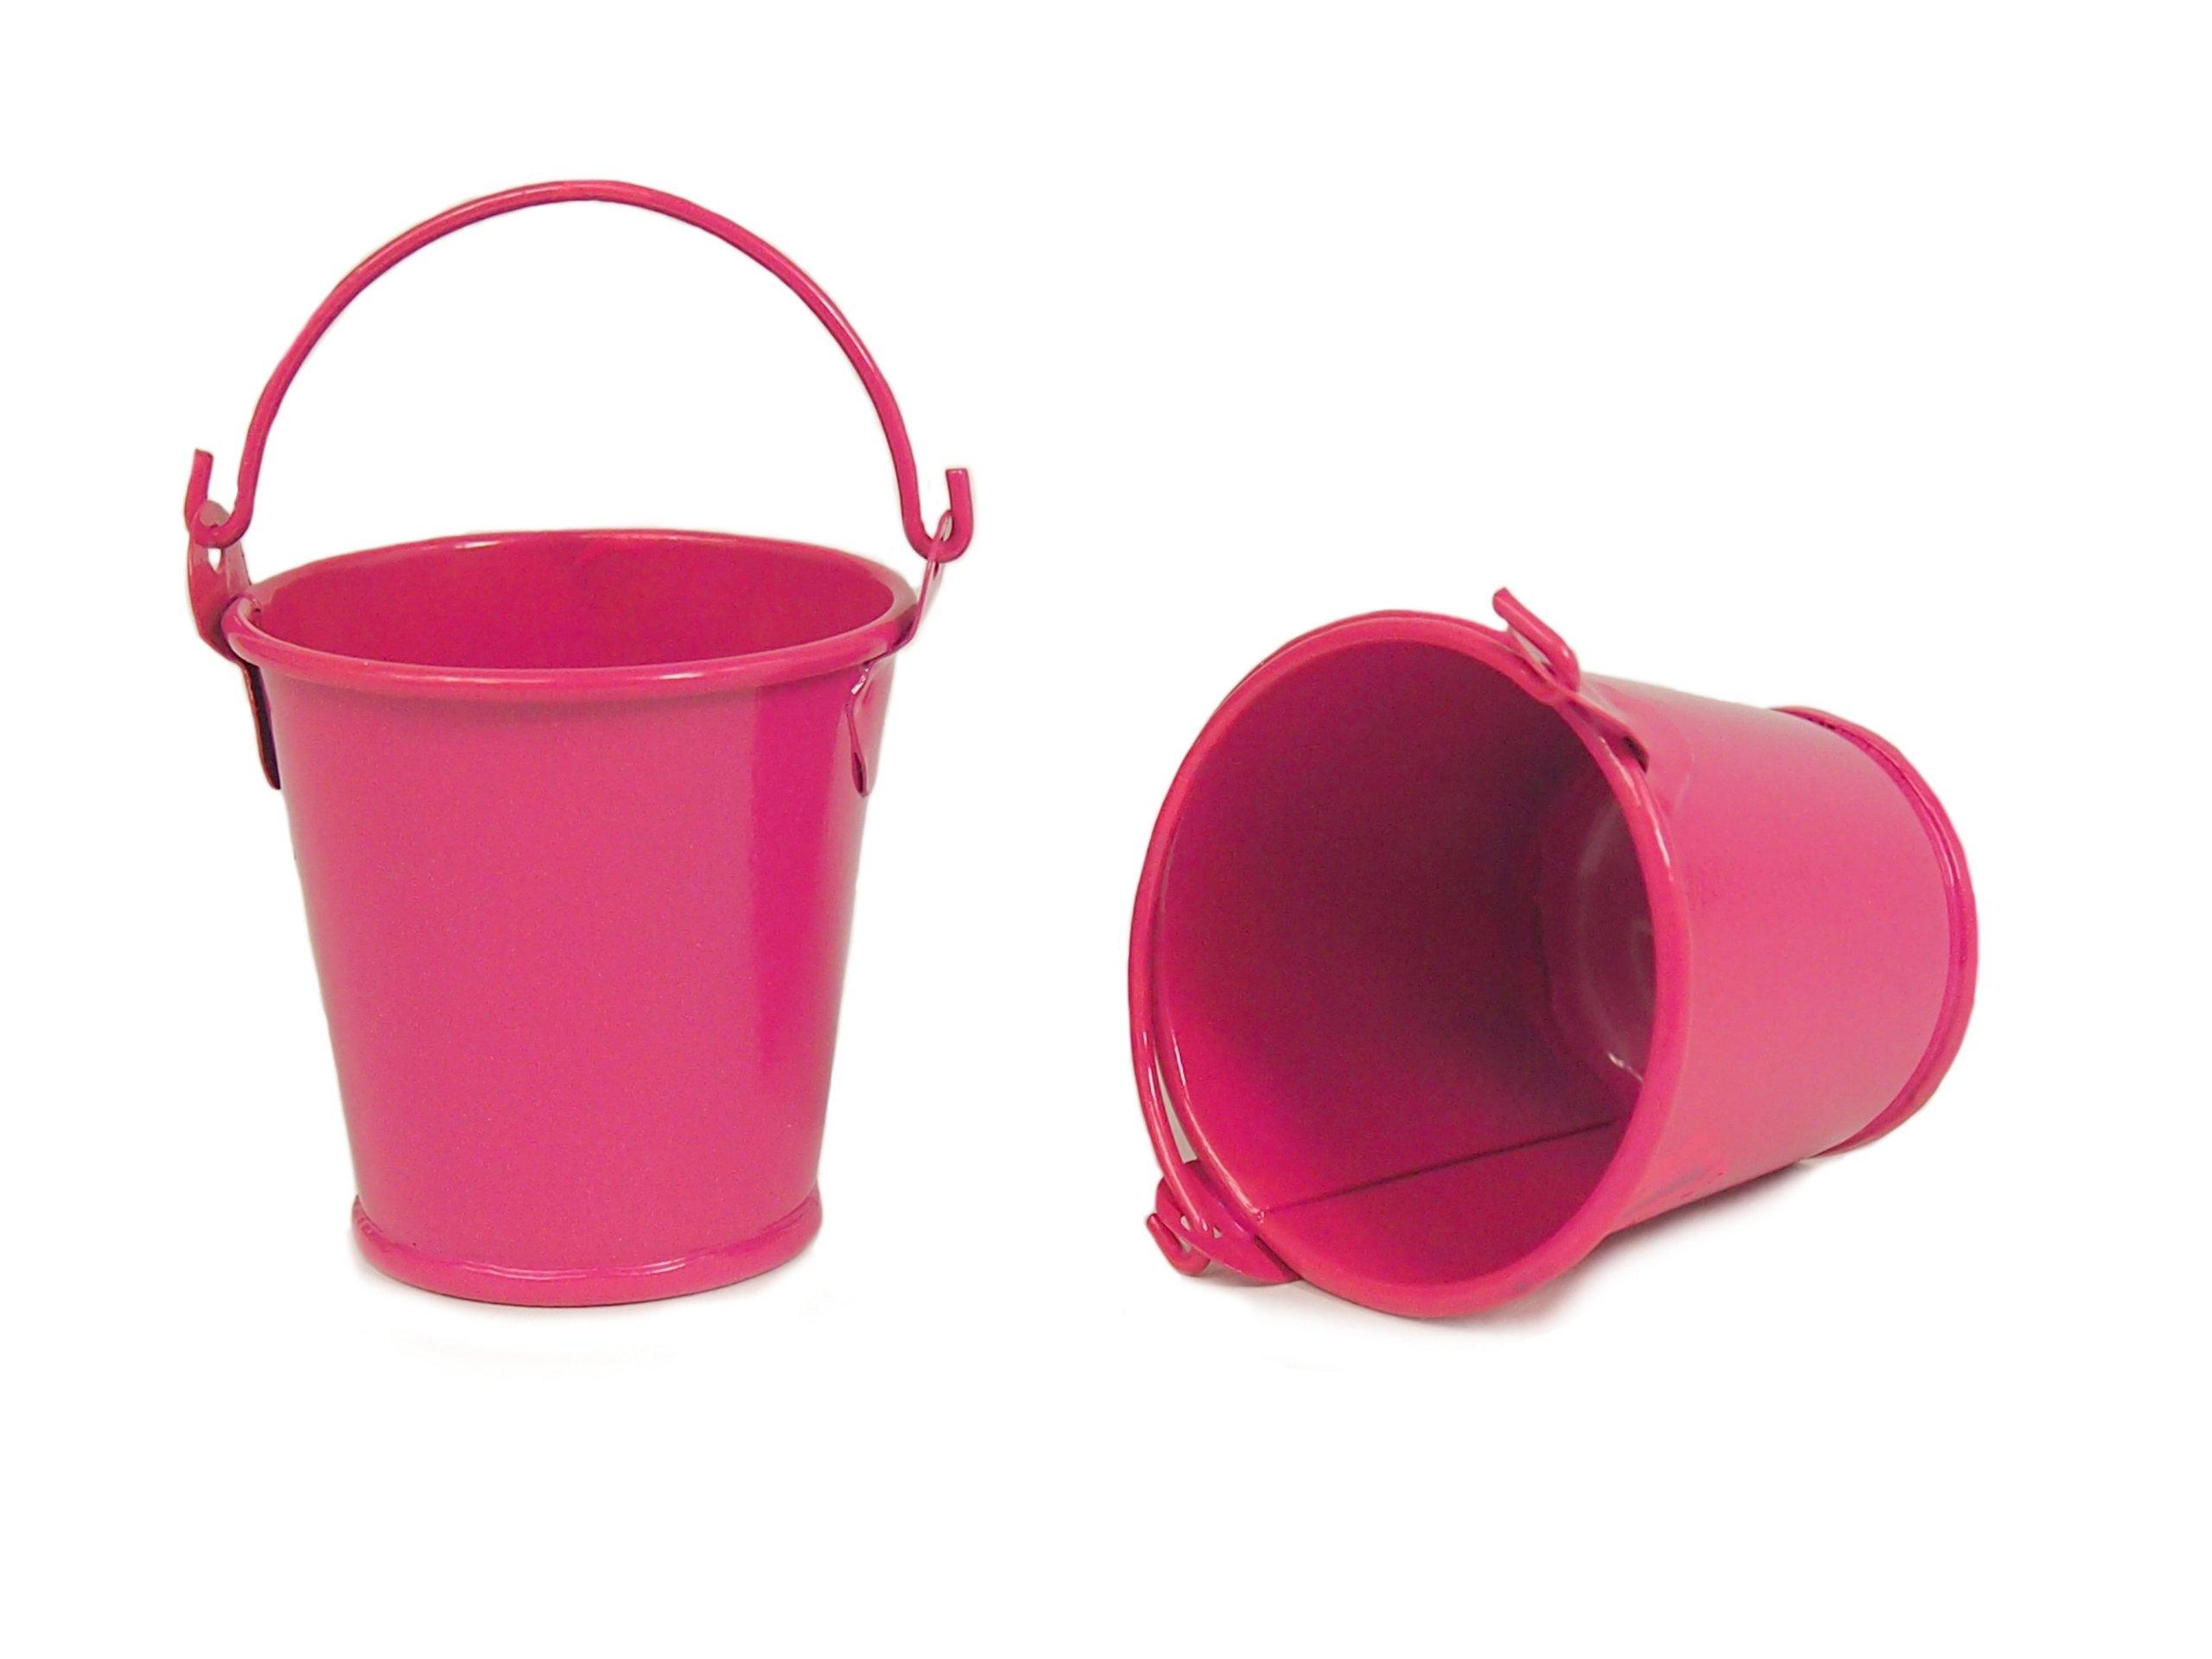 55 Cm Mini Doniczka Wiaderko Różowe Ocynk